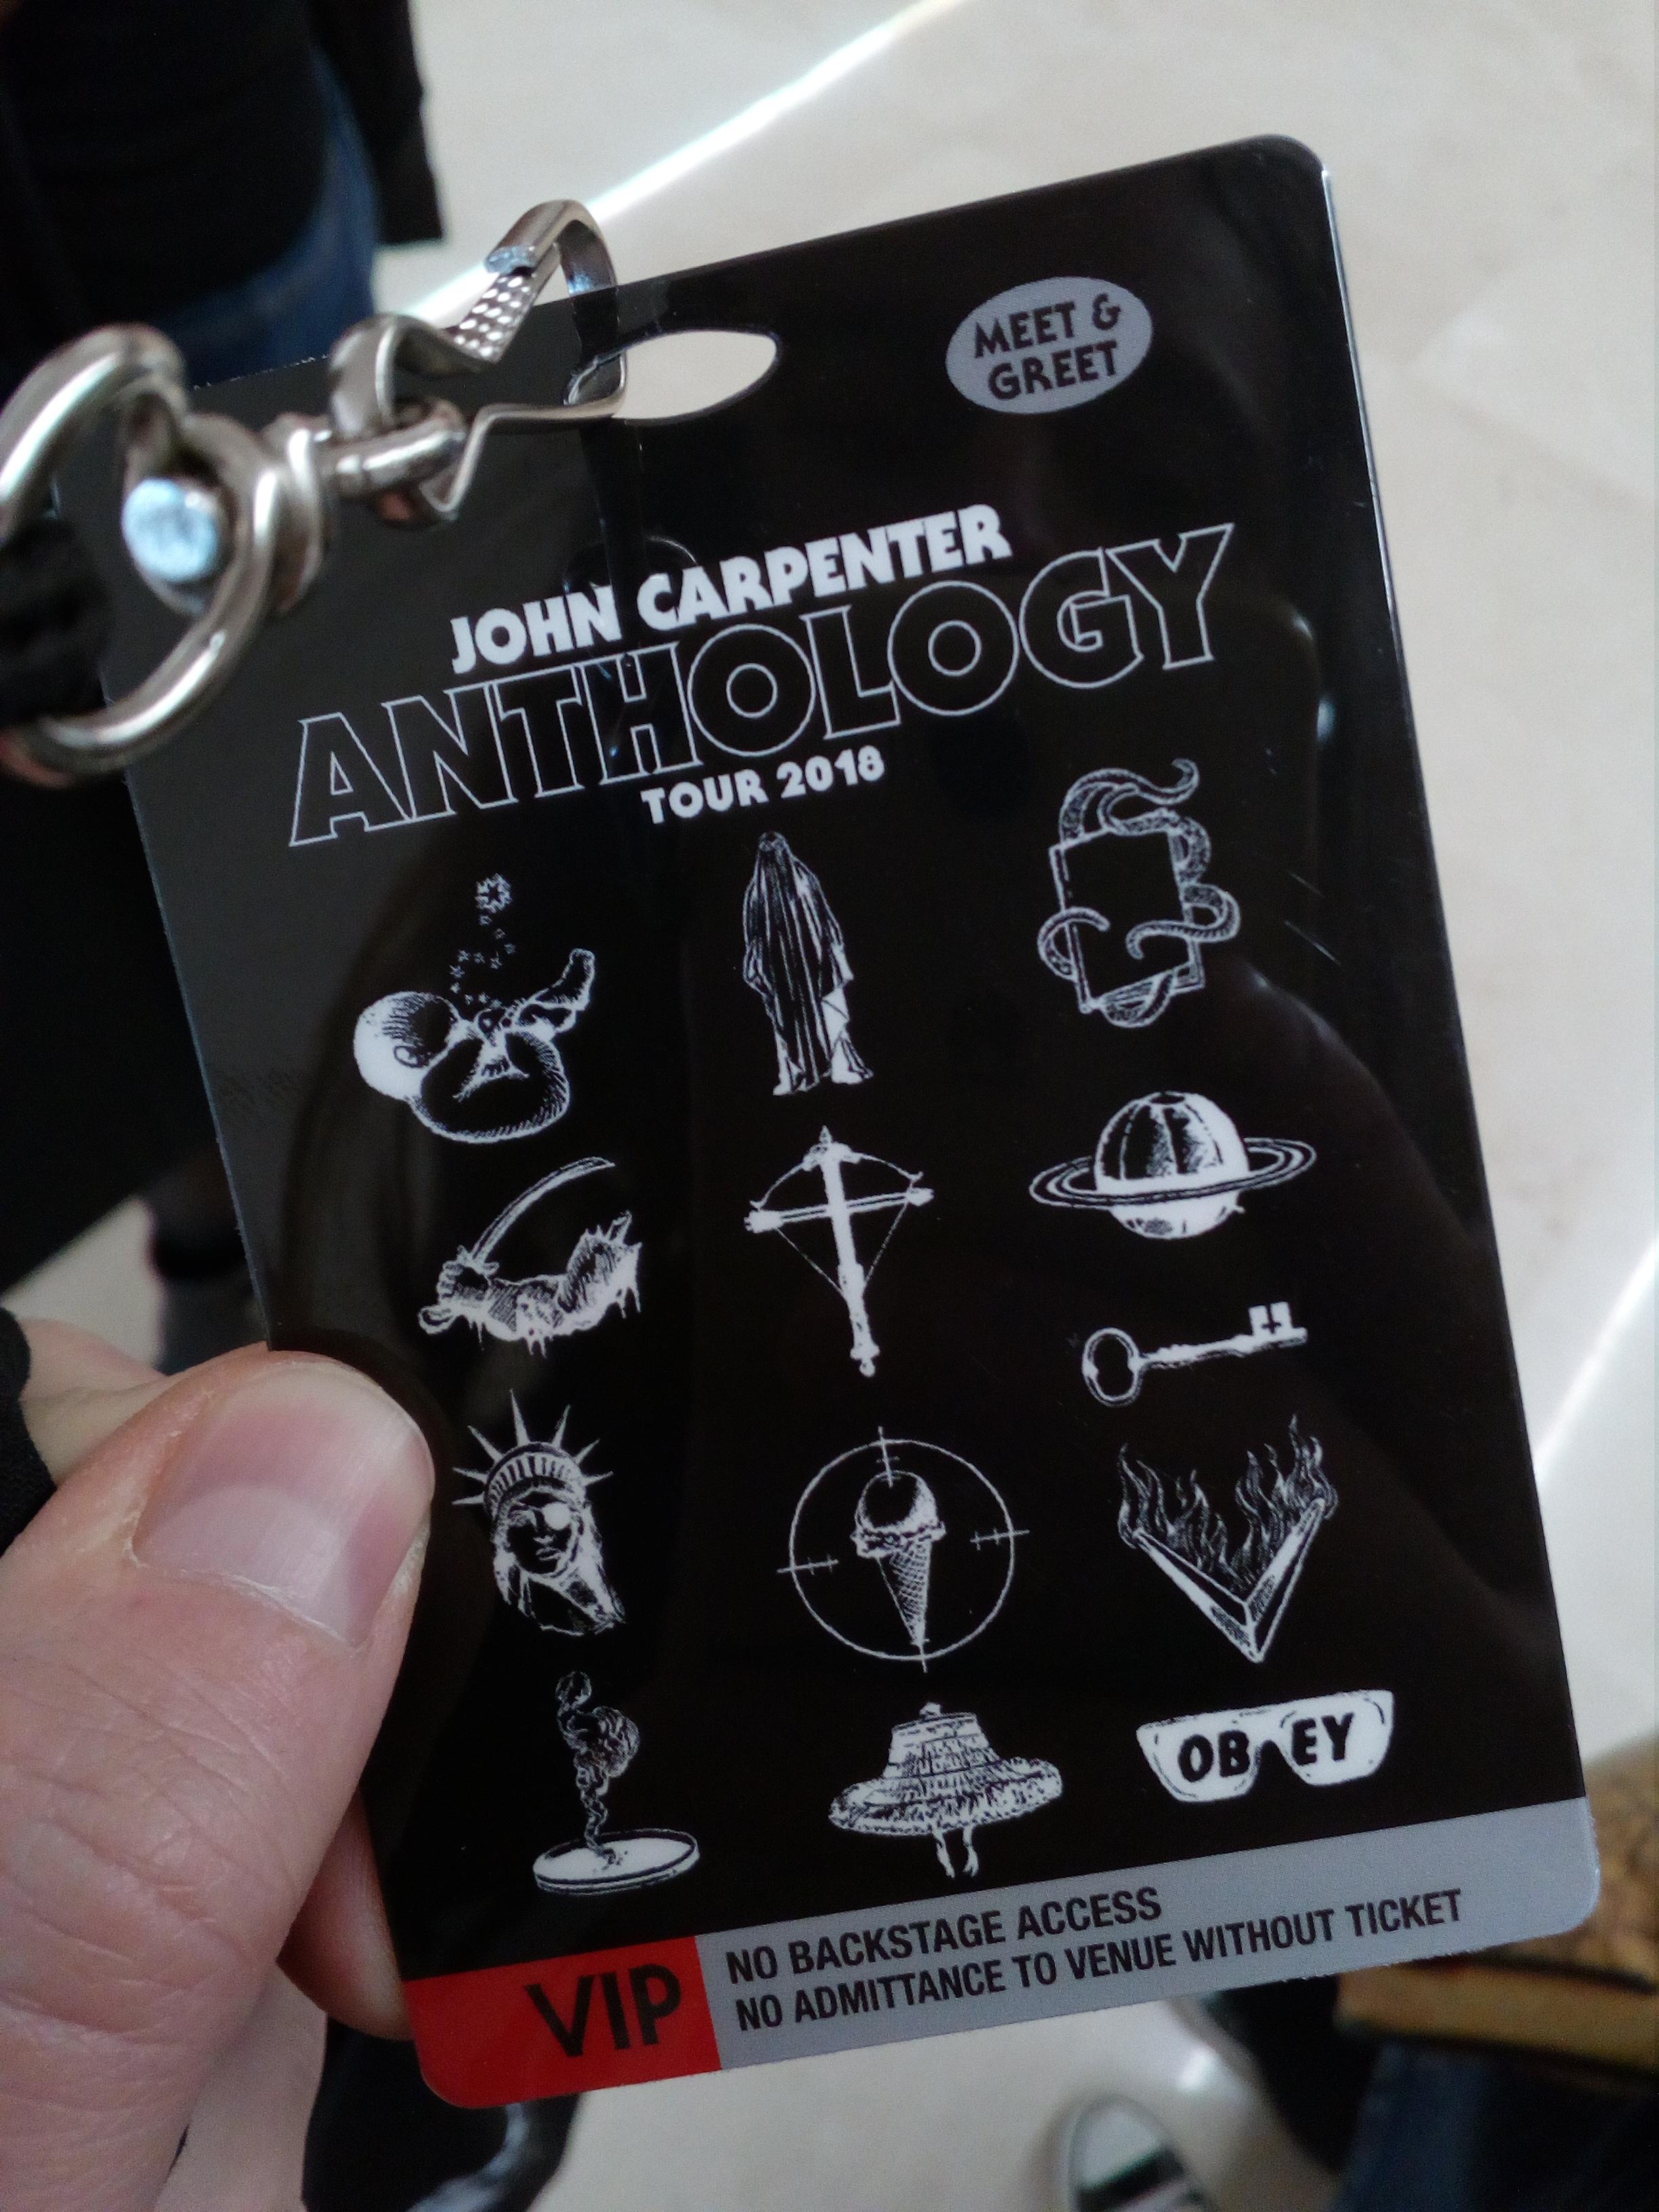 I met John Carpenter! (English)